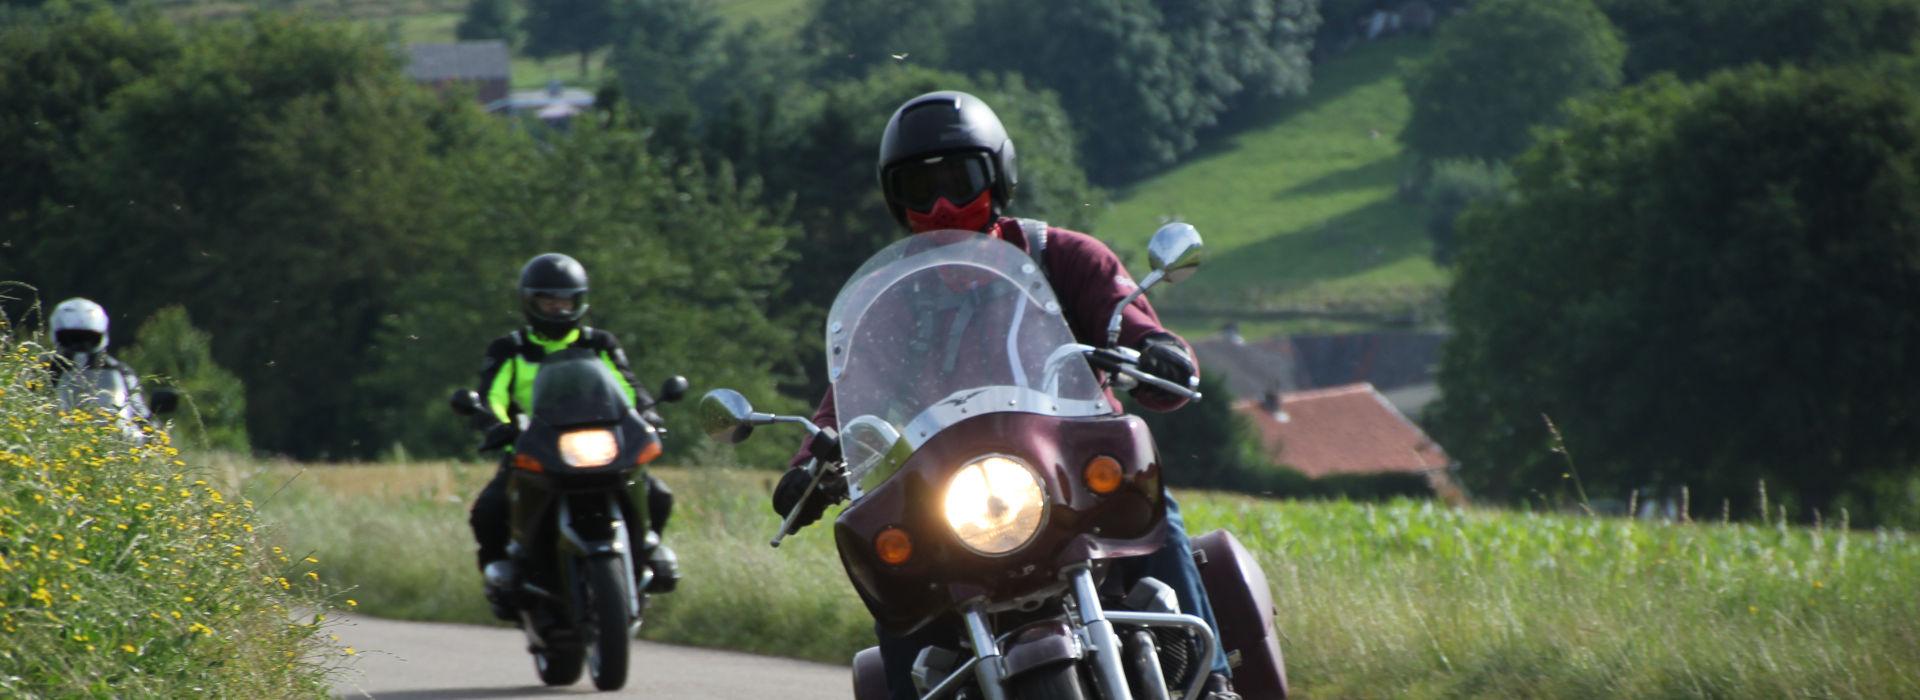 Motorrijschool Motorrijbewijspoint Zwartewaal motorrijlessen